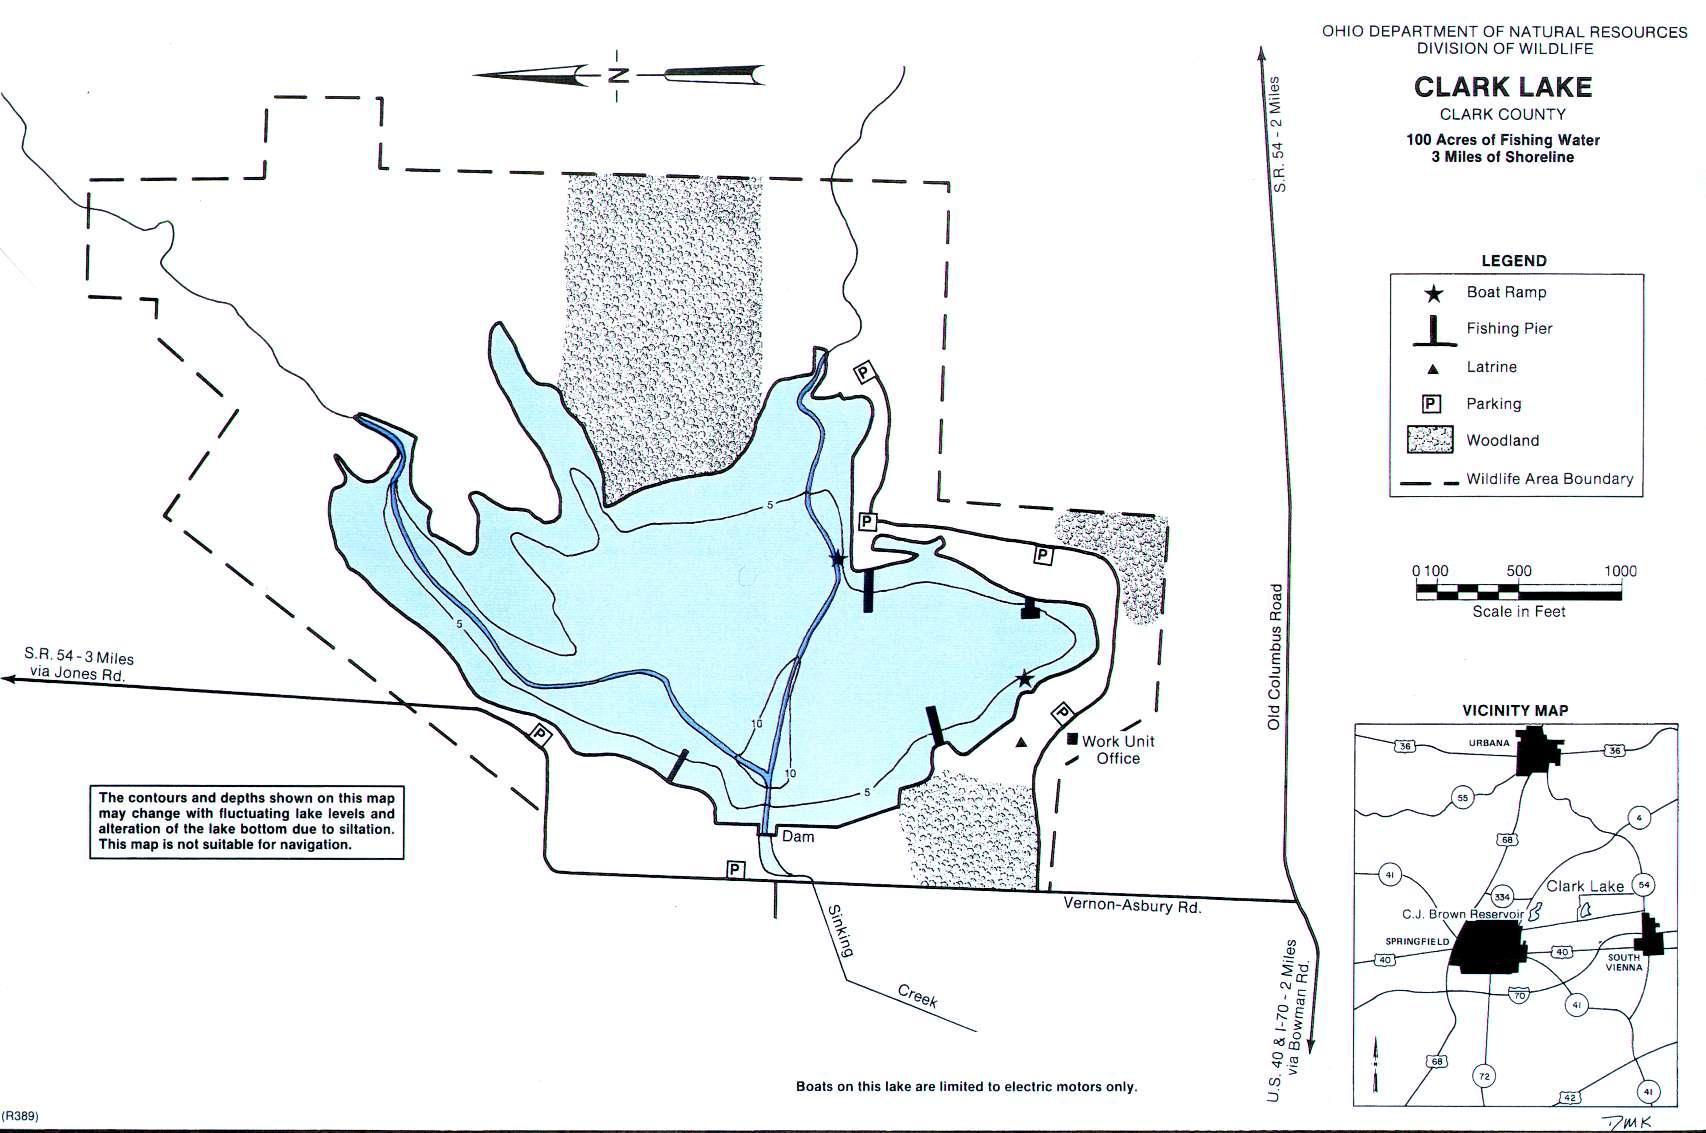 Clark Lake Fishing Map - Southwest Ohio - GoFishOhio!